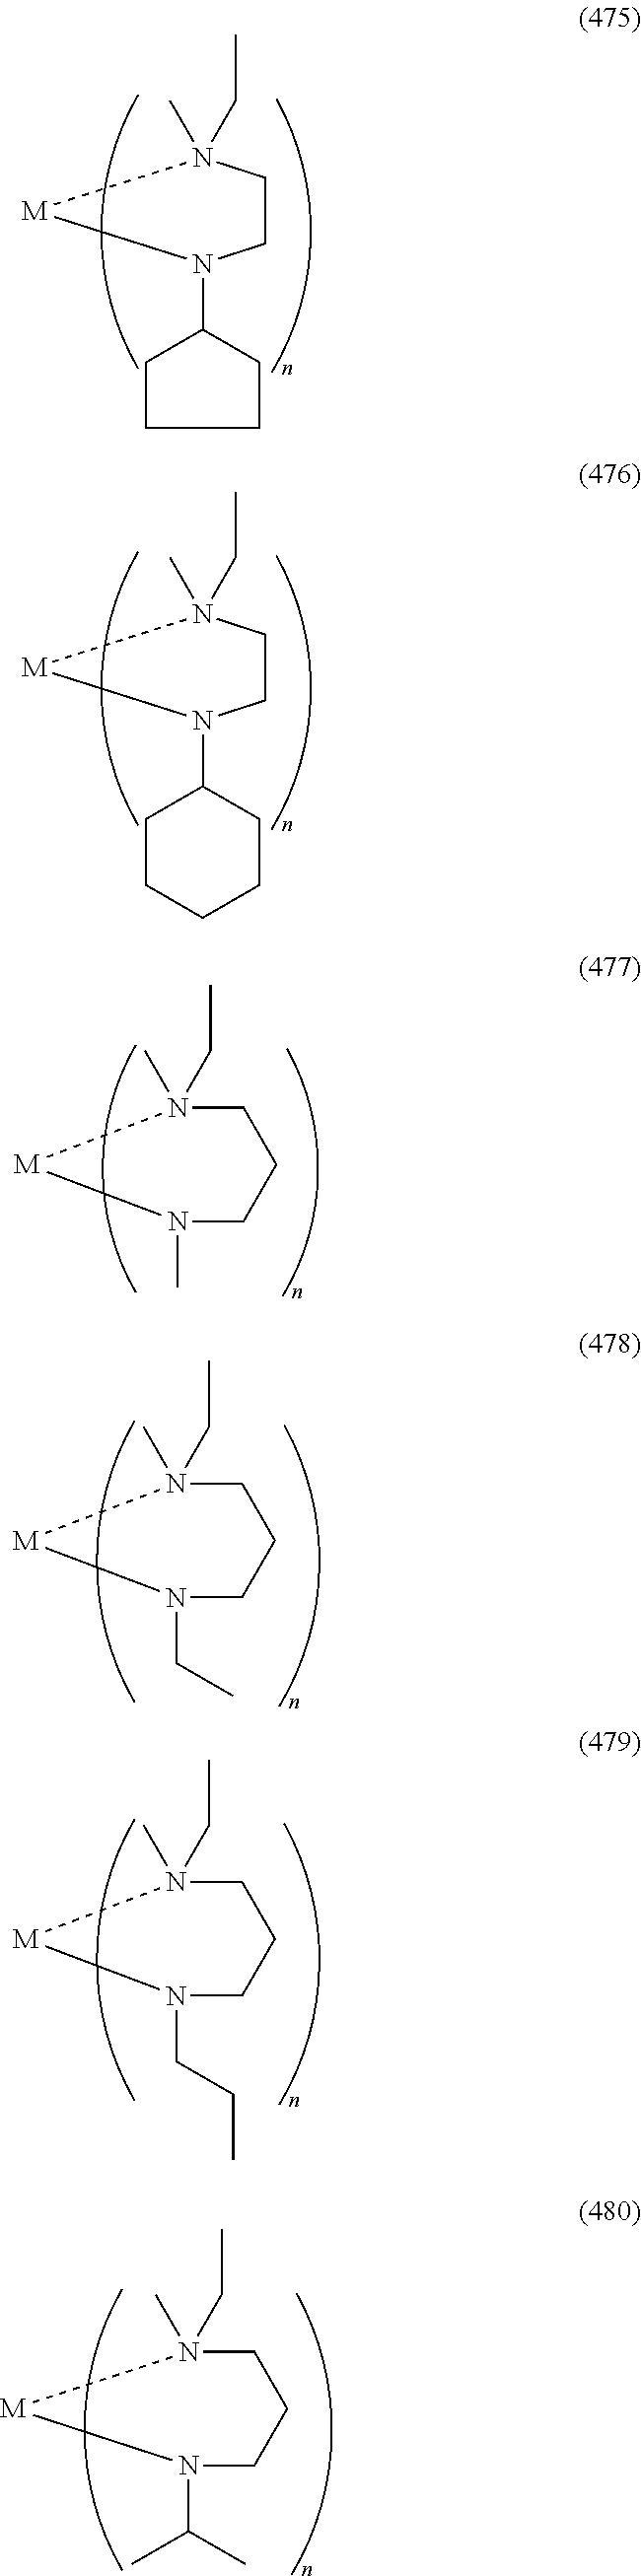 Figure US08871304-20141028-C00088